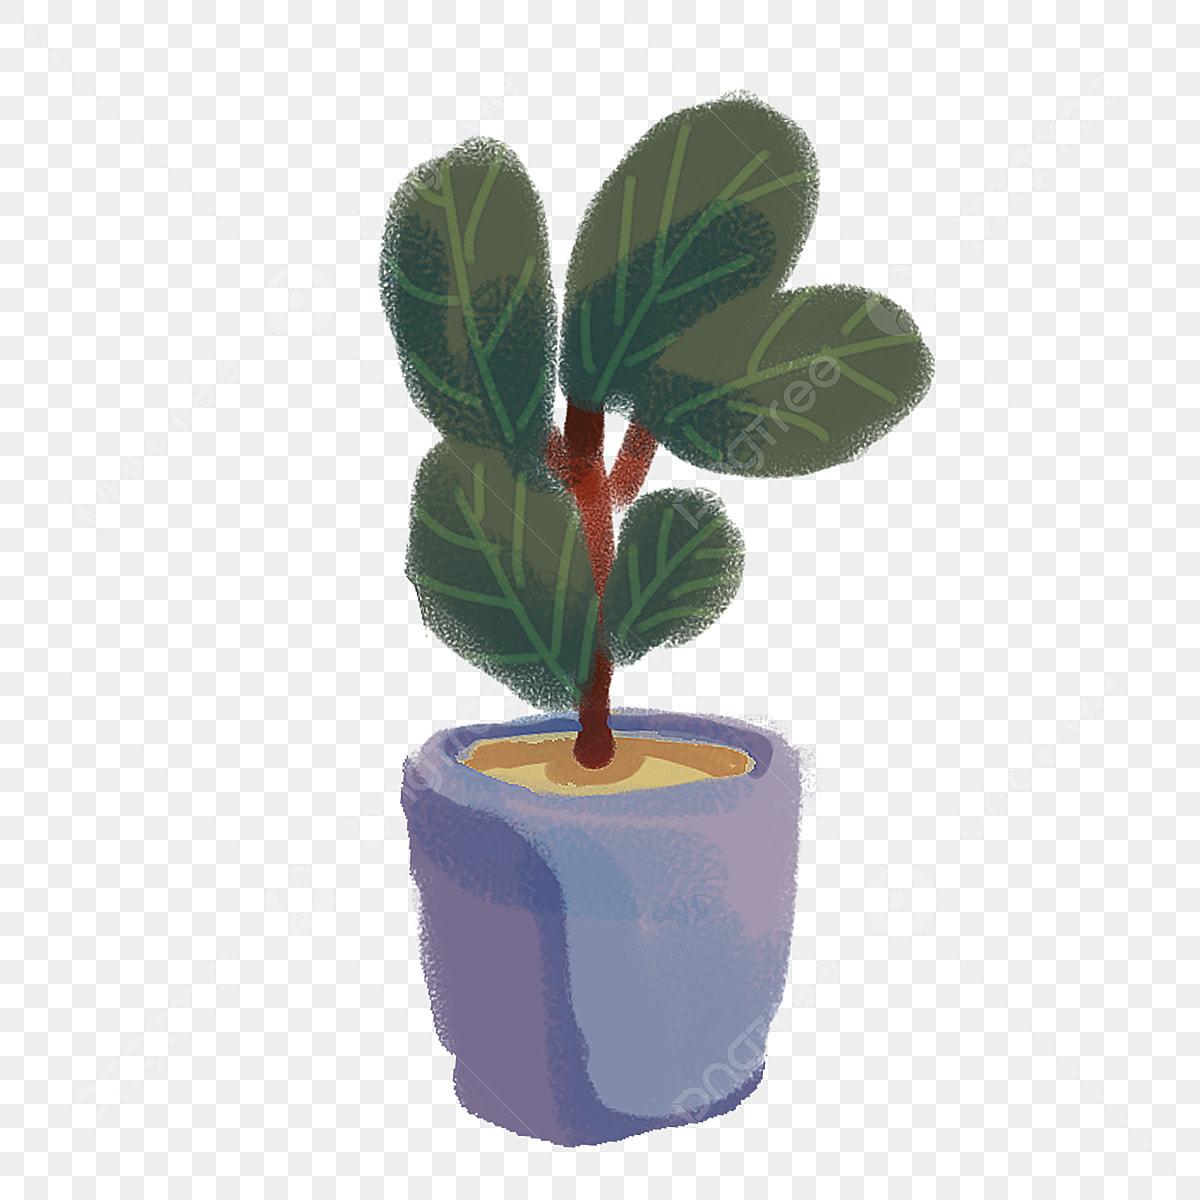 Pngtree & Cartoon Green Fresh Decorative Flower Pot European Flower ...